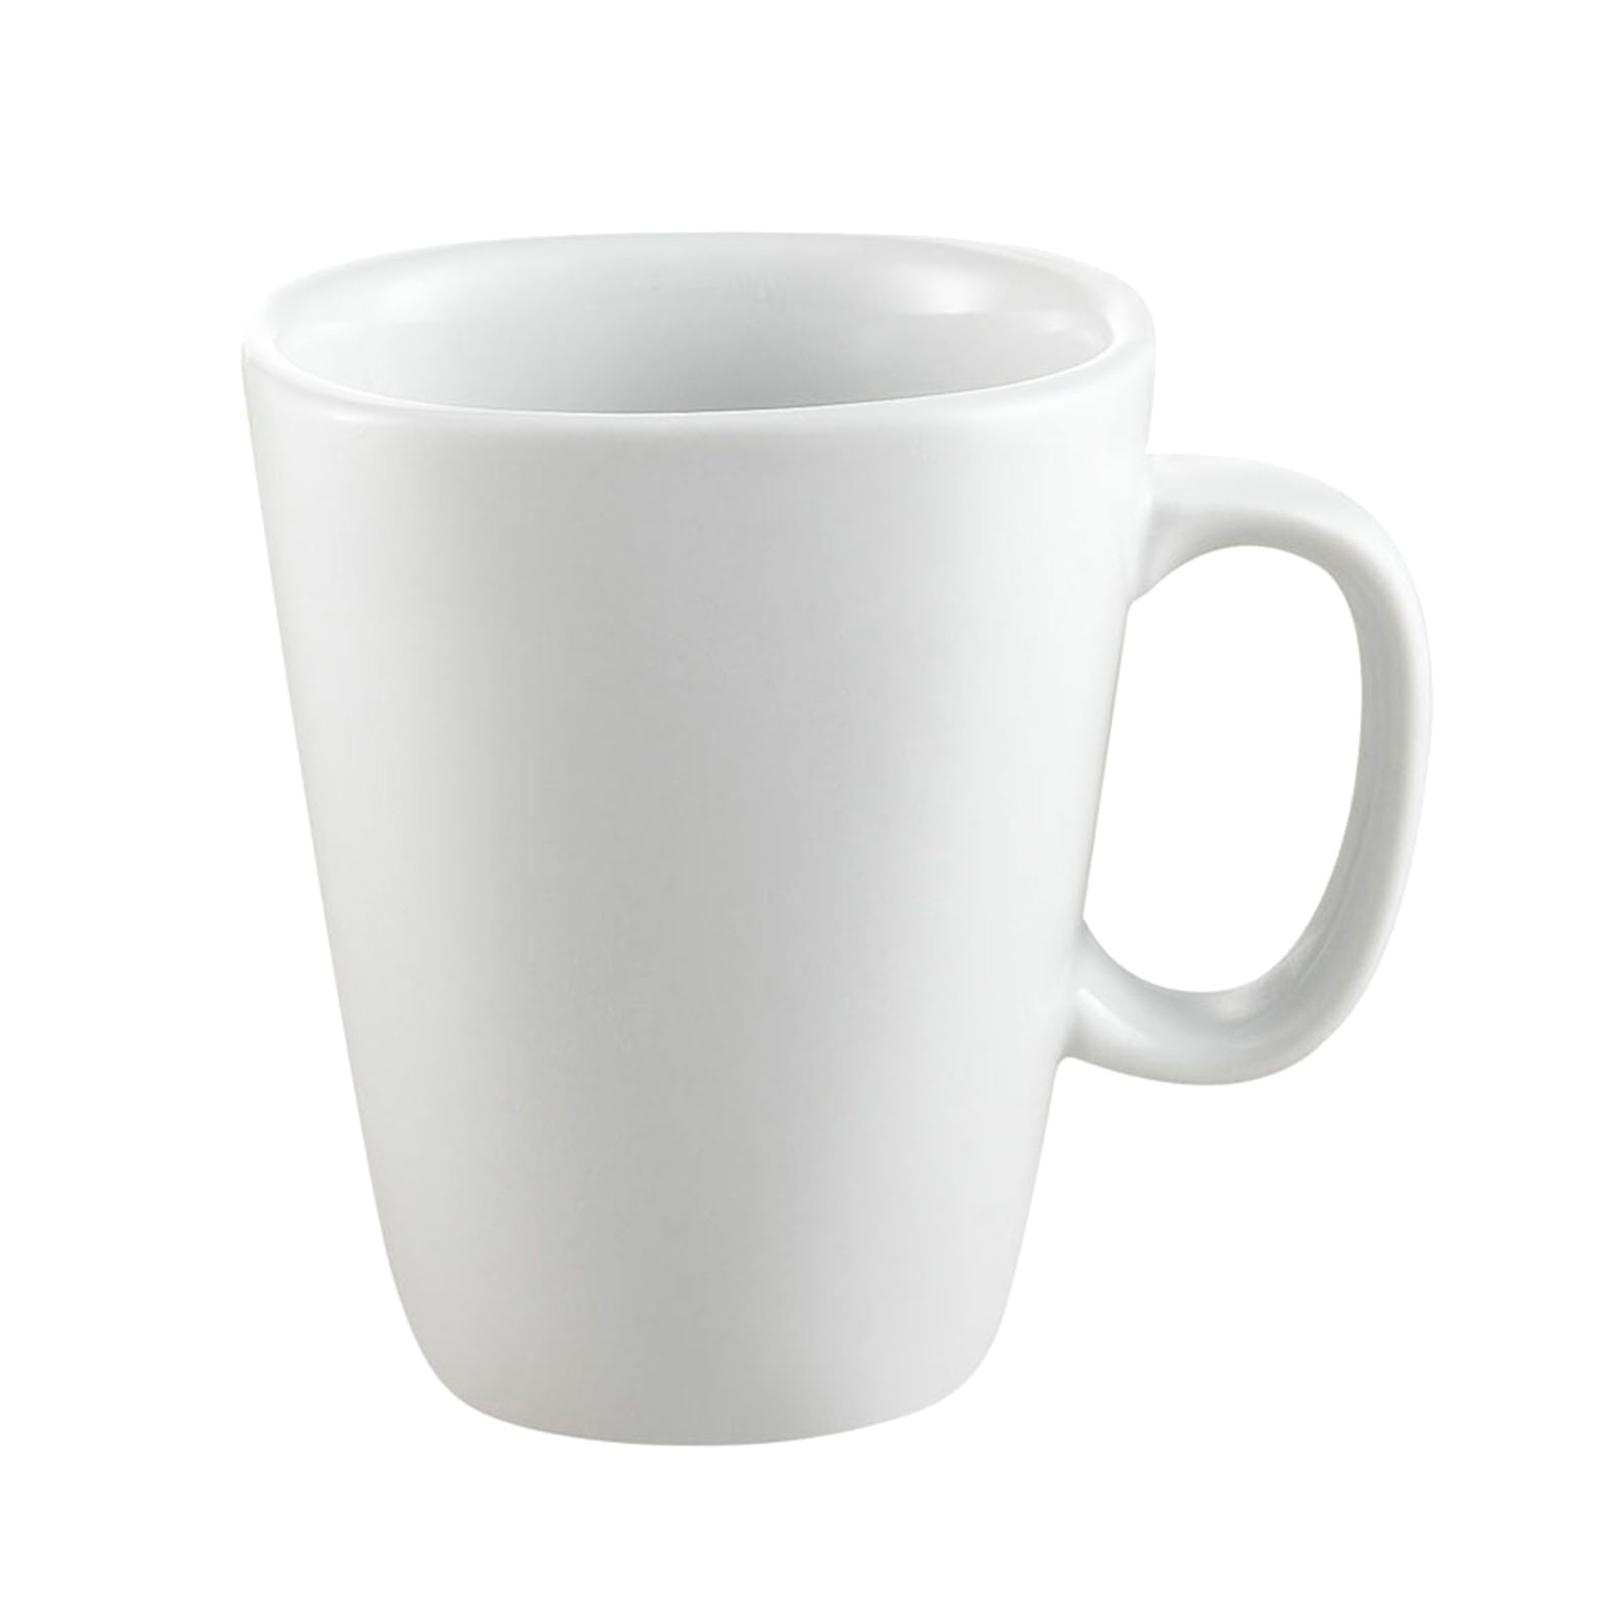 CAC China KSE-M18 mug, china